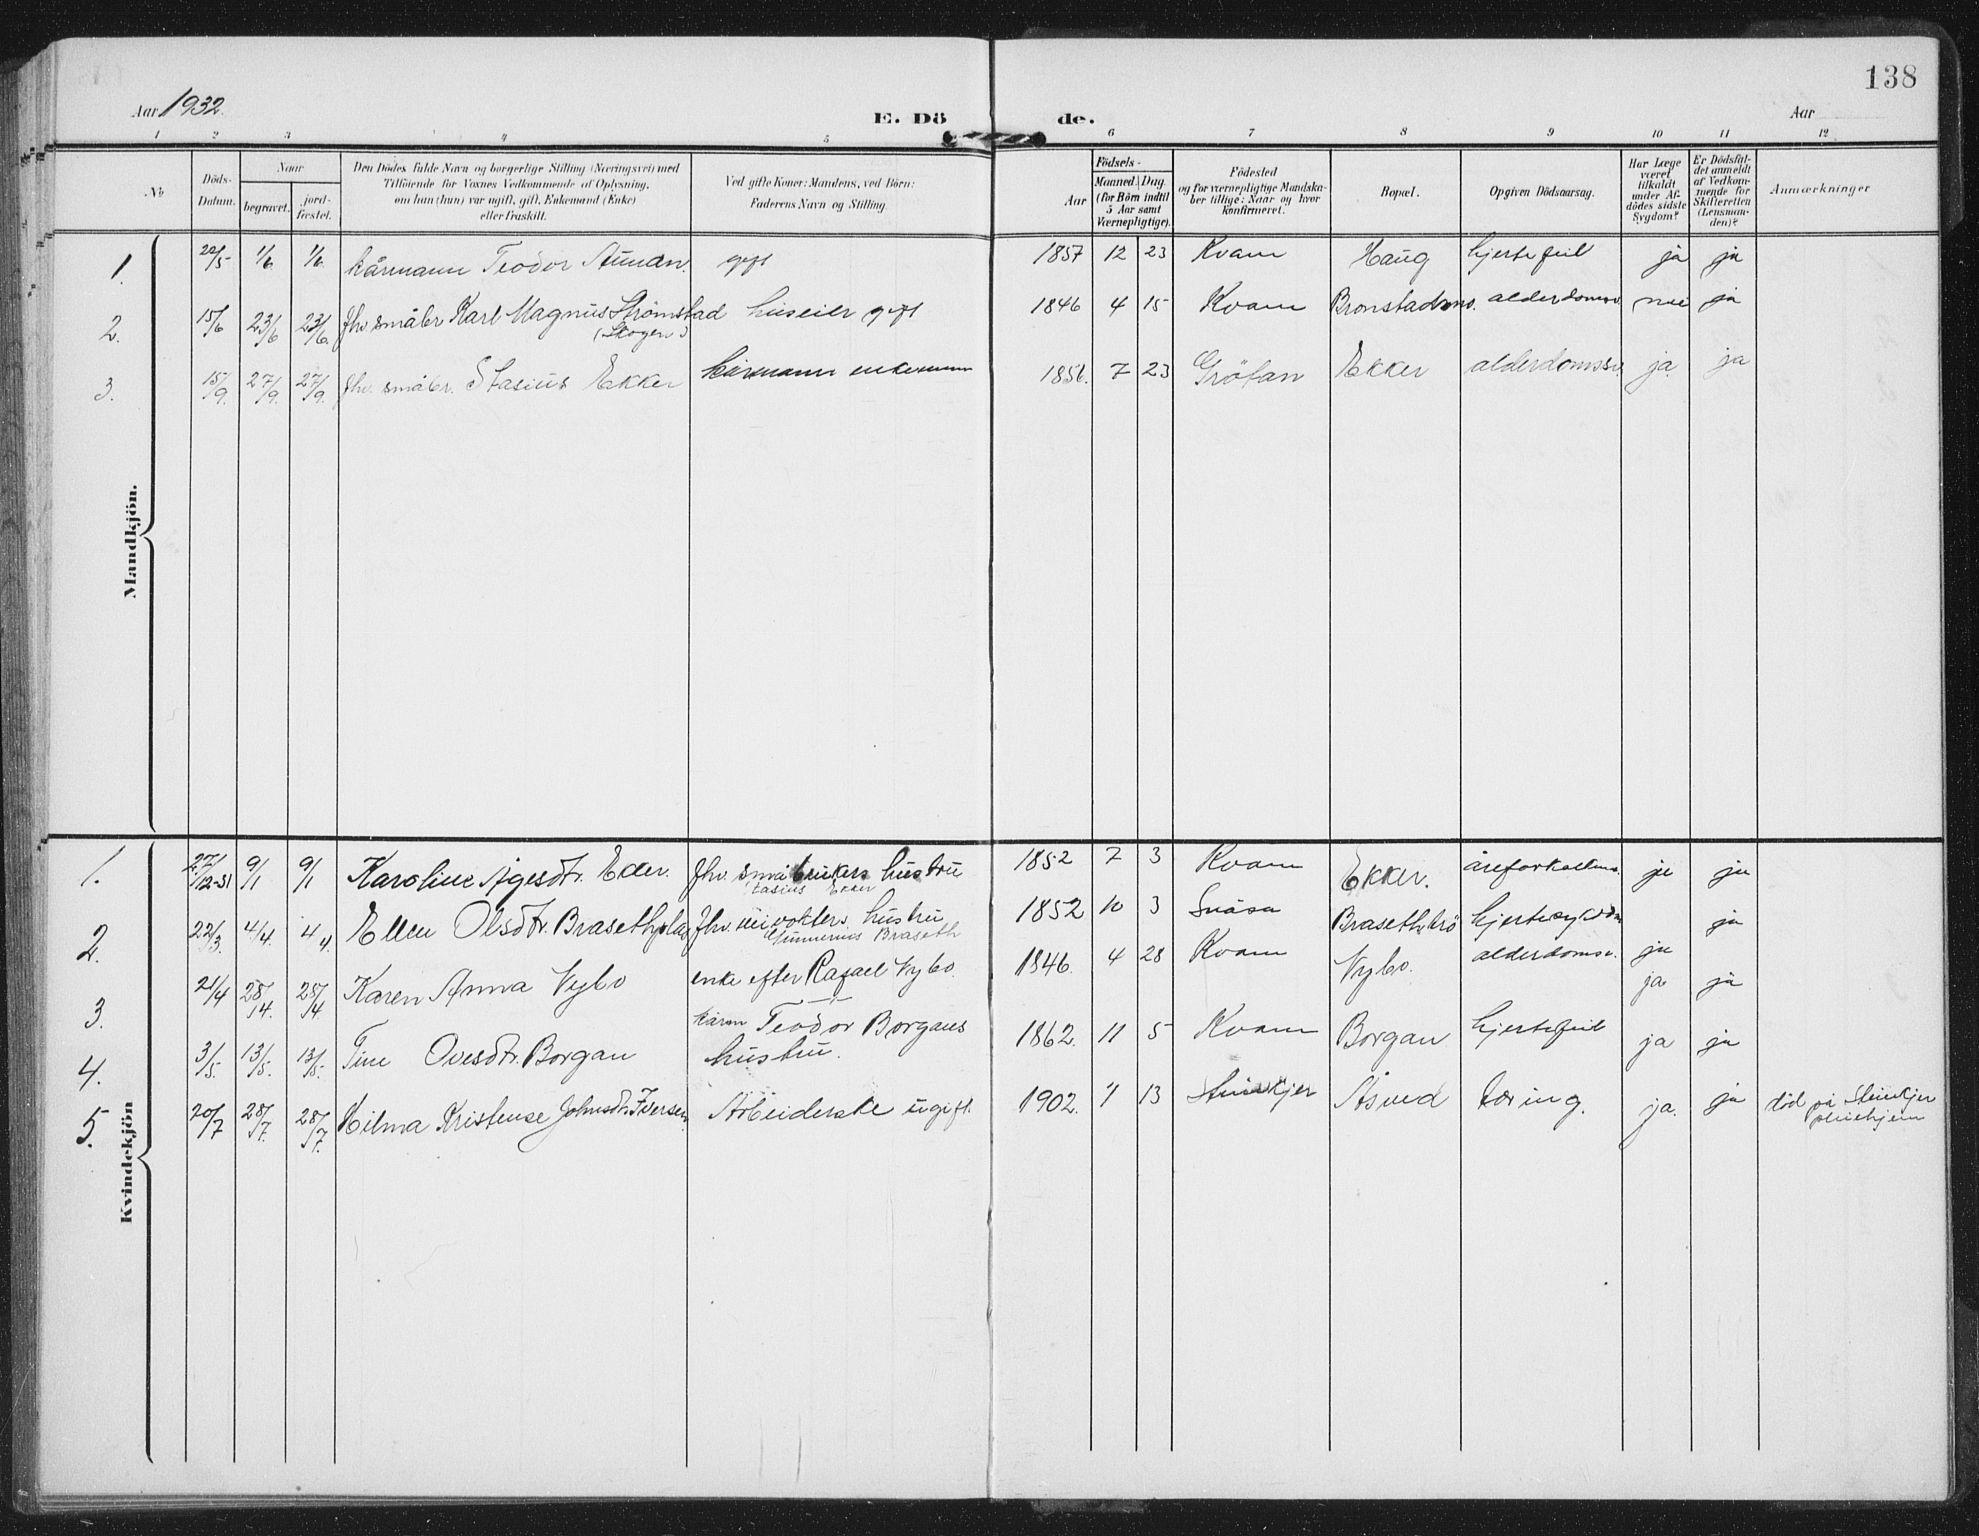 SAT, Ministerialprotokoller, klokkerbøker og fødselsregistre - Nord-Trøndelag, 747/L0460: Klokkerbok nr. 747C02, 1908-1939, s. 138